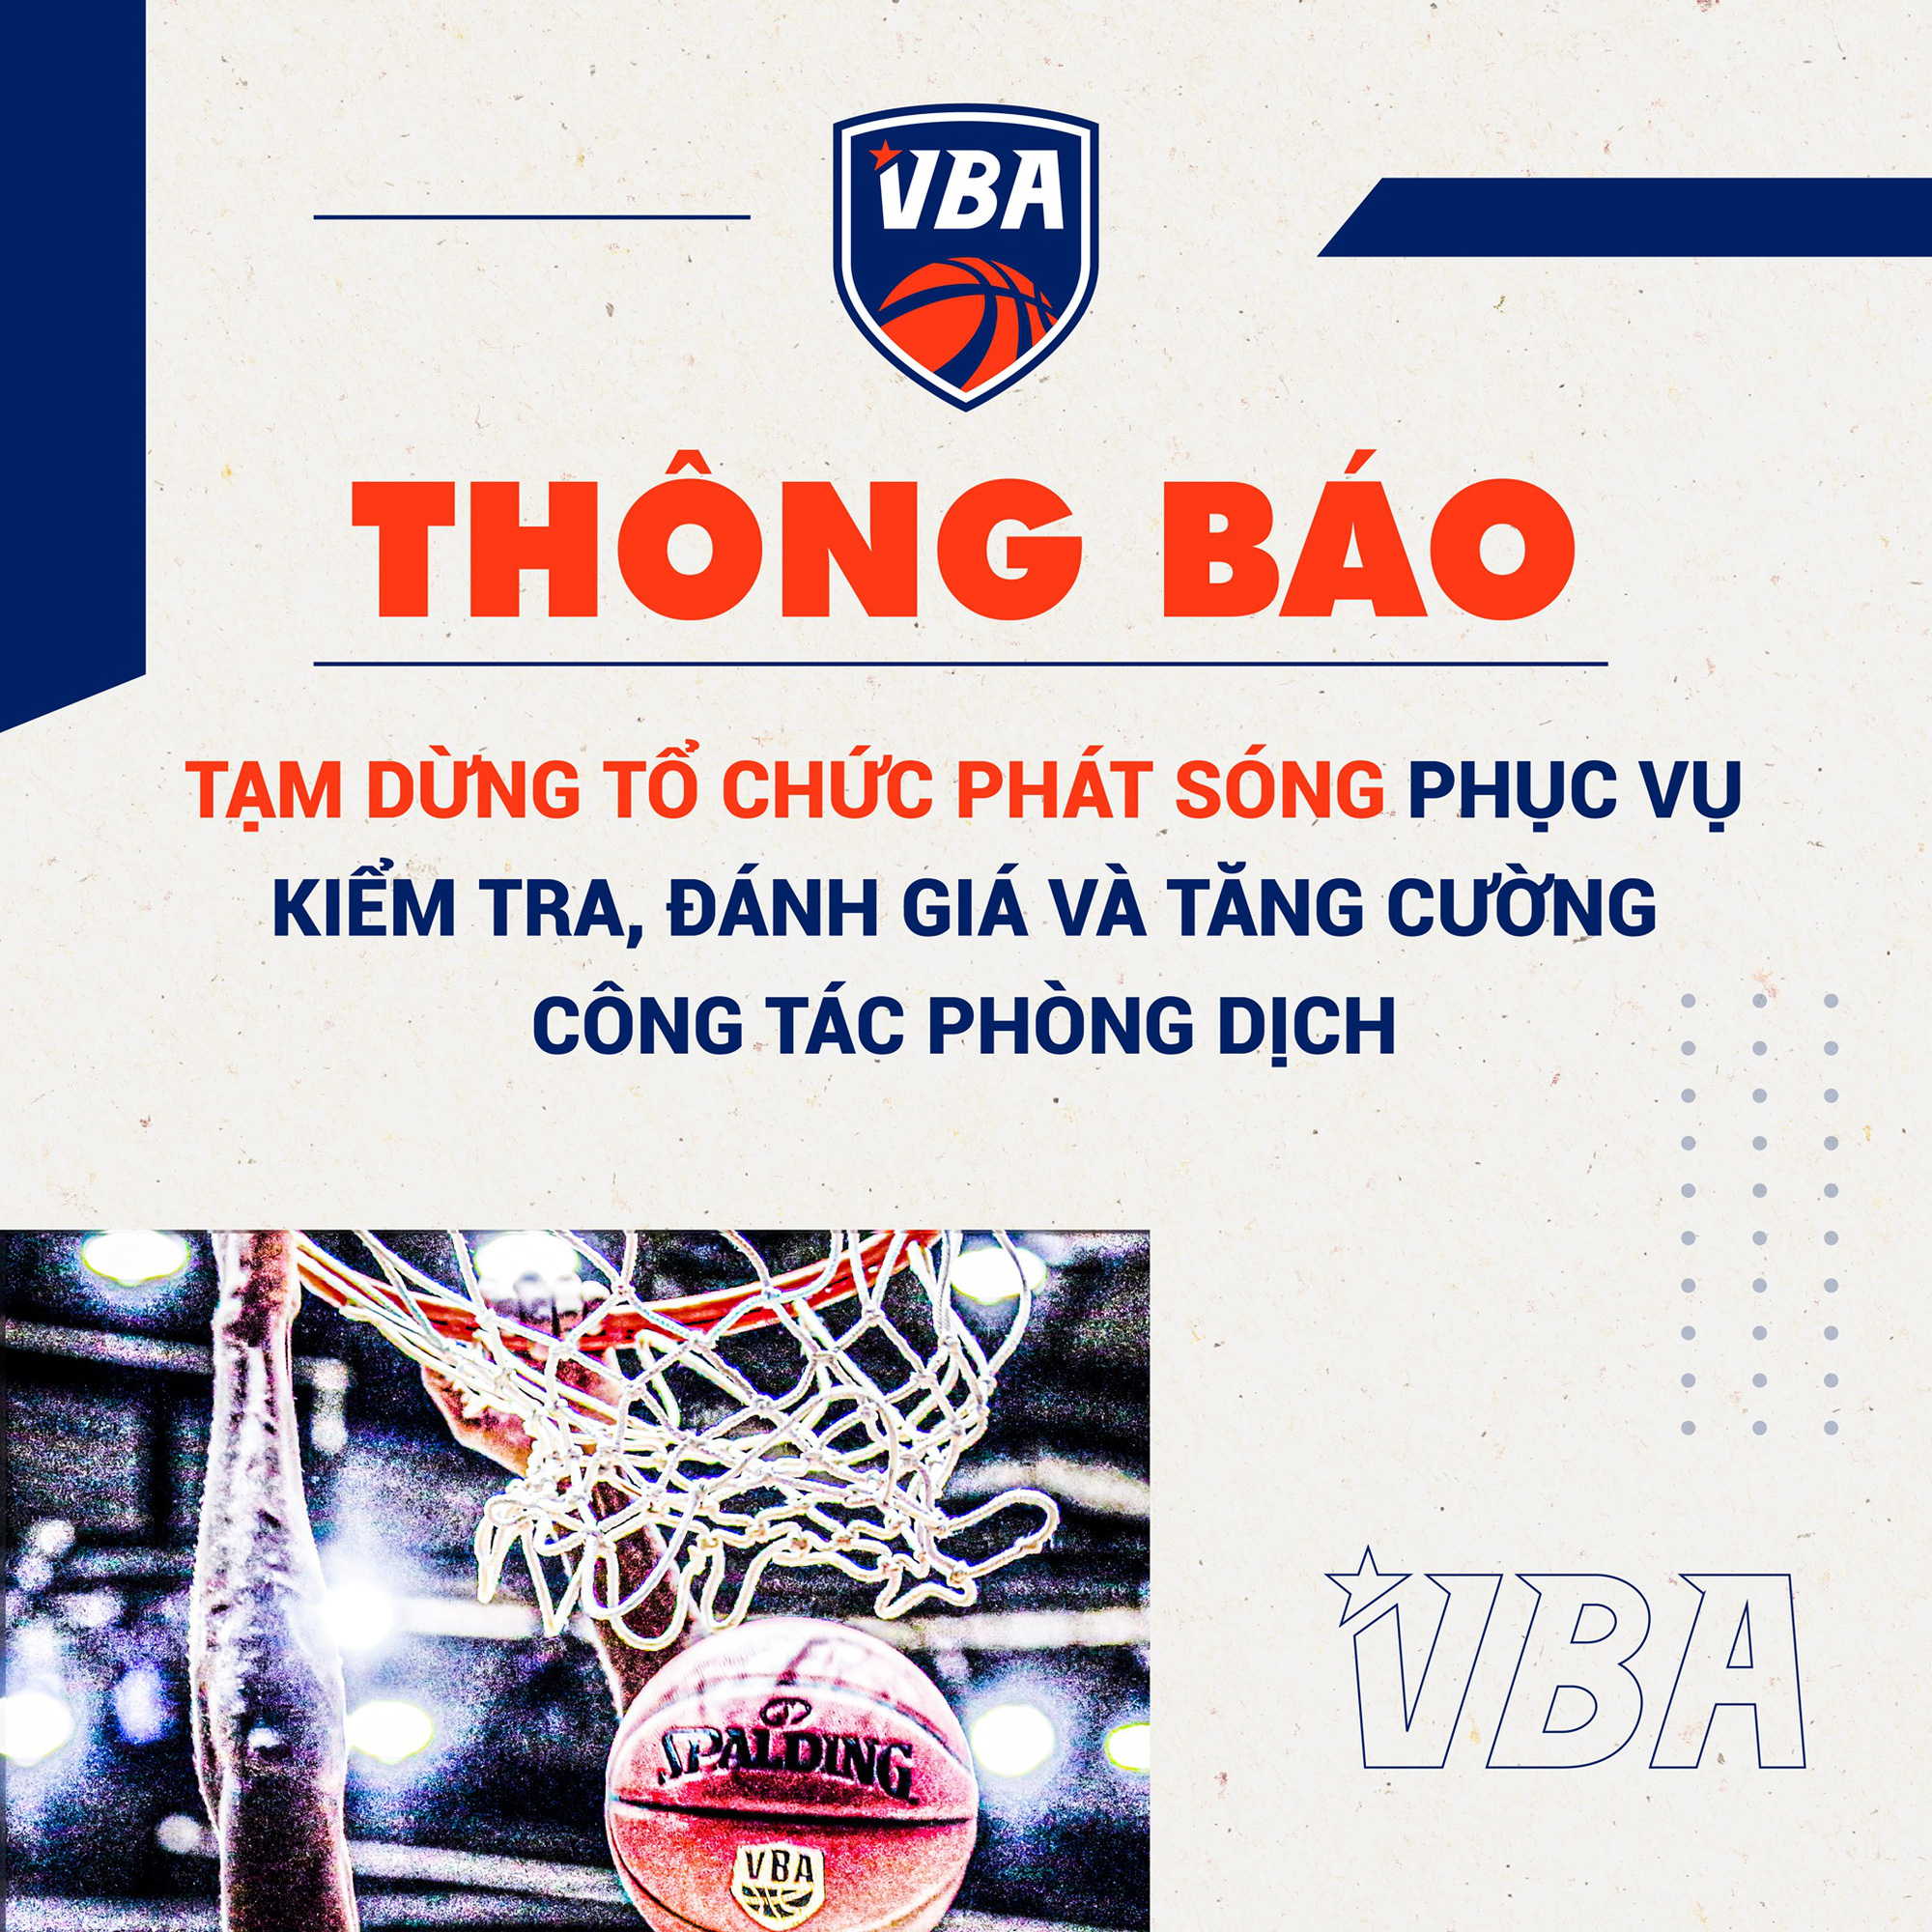 Chính thức: VBA không phát sóng trực tiếp loạt trận giao hữu mùa giải 2021 - Ảnh 1.